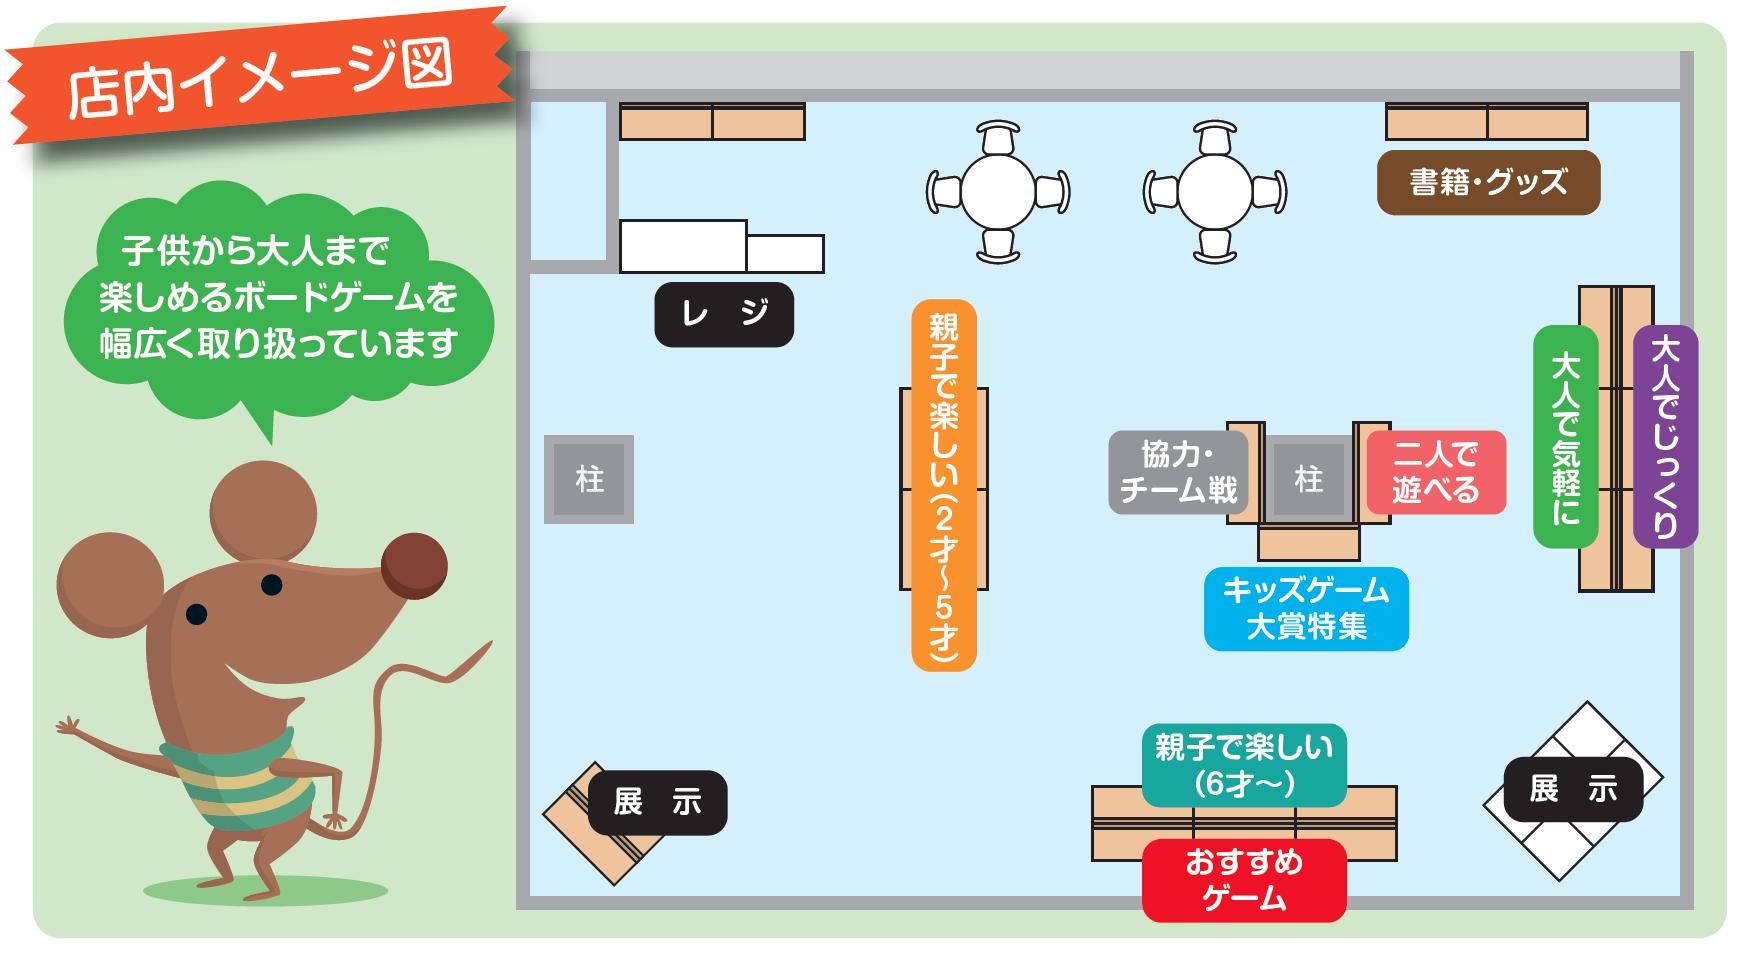 店内イメージ図